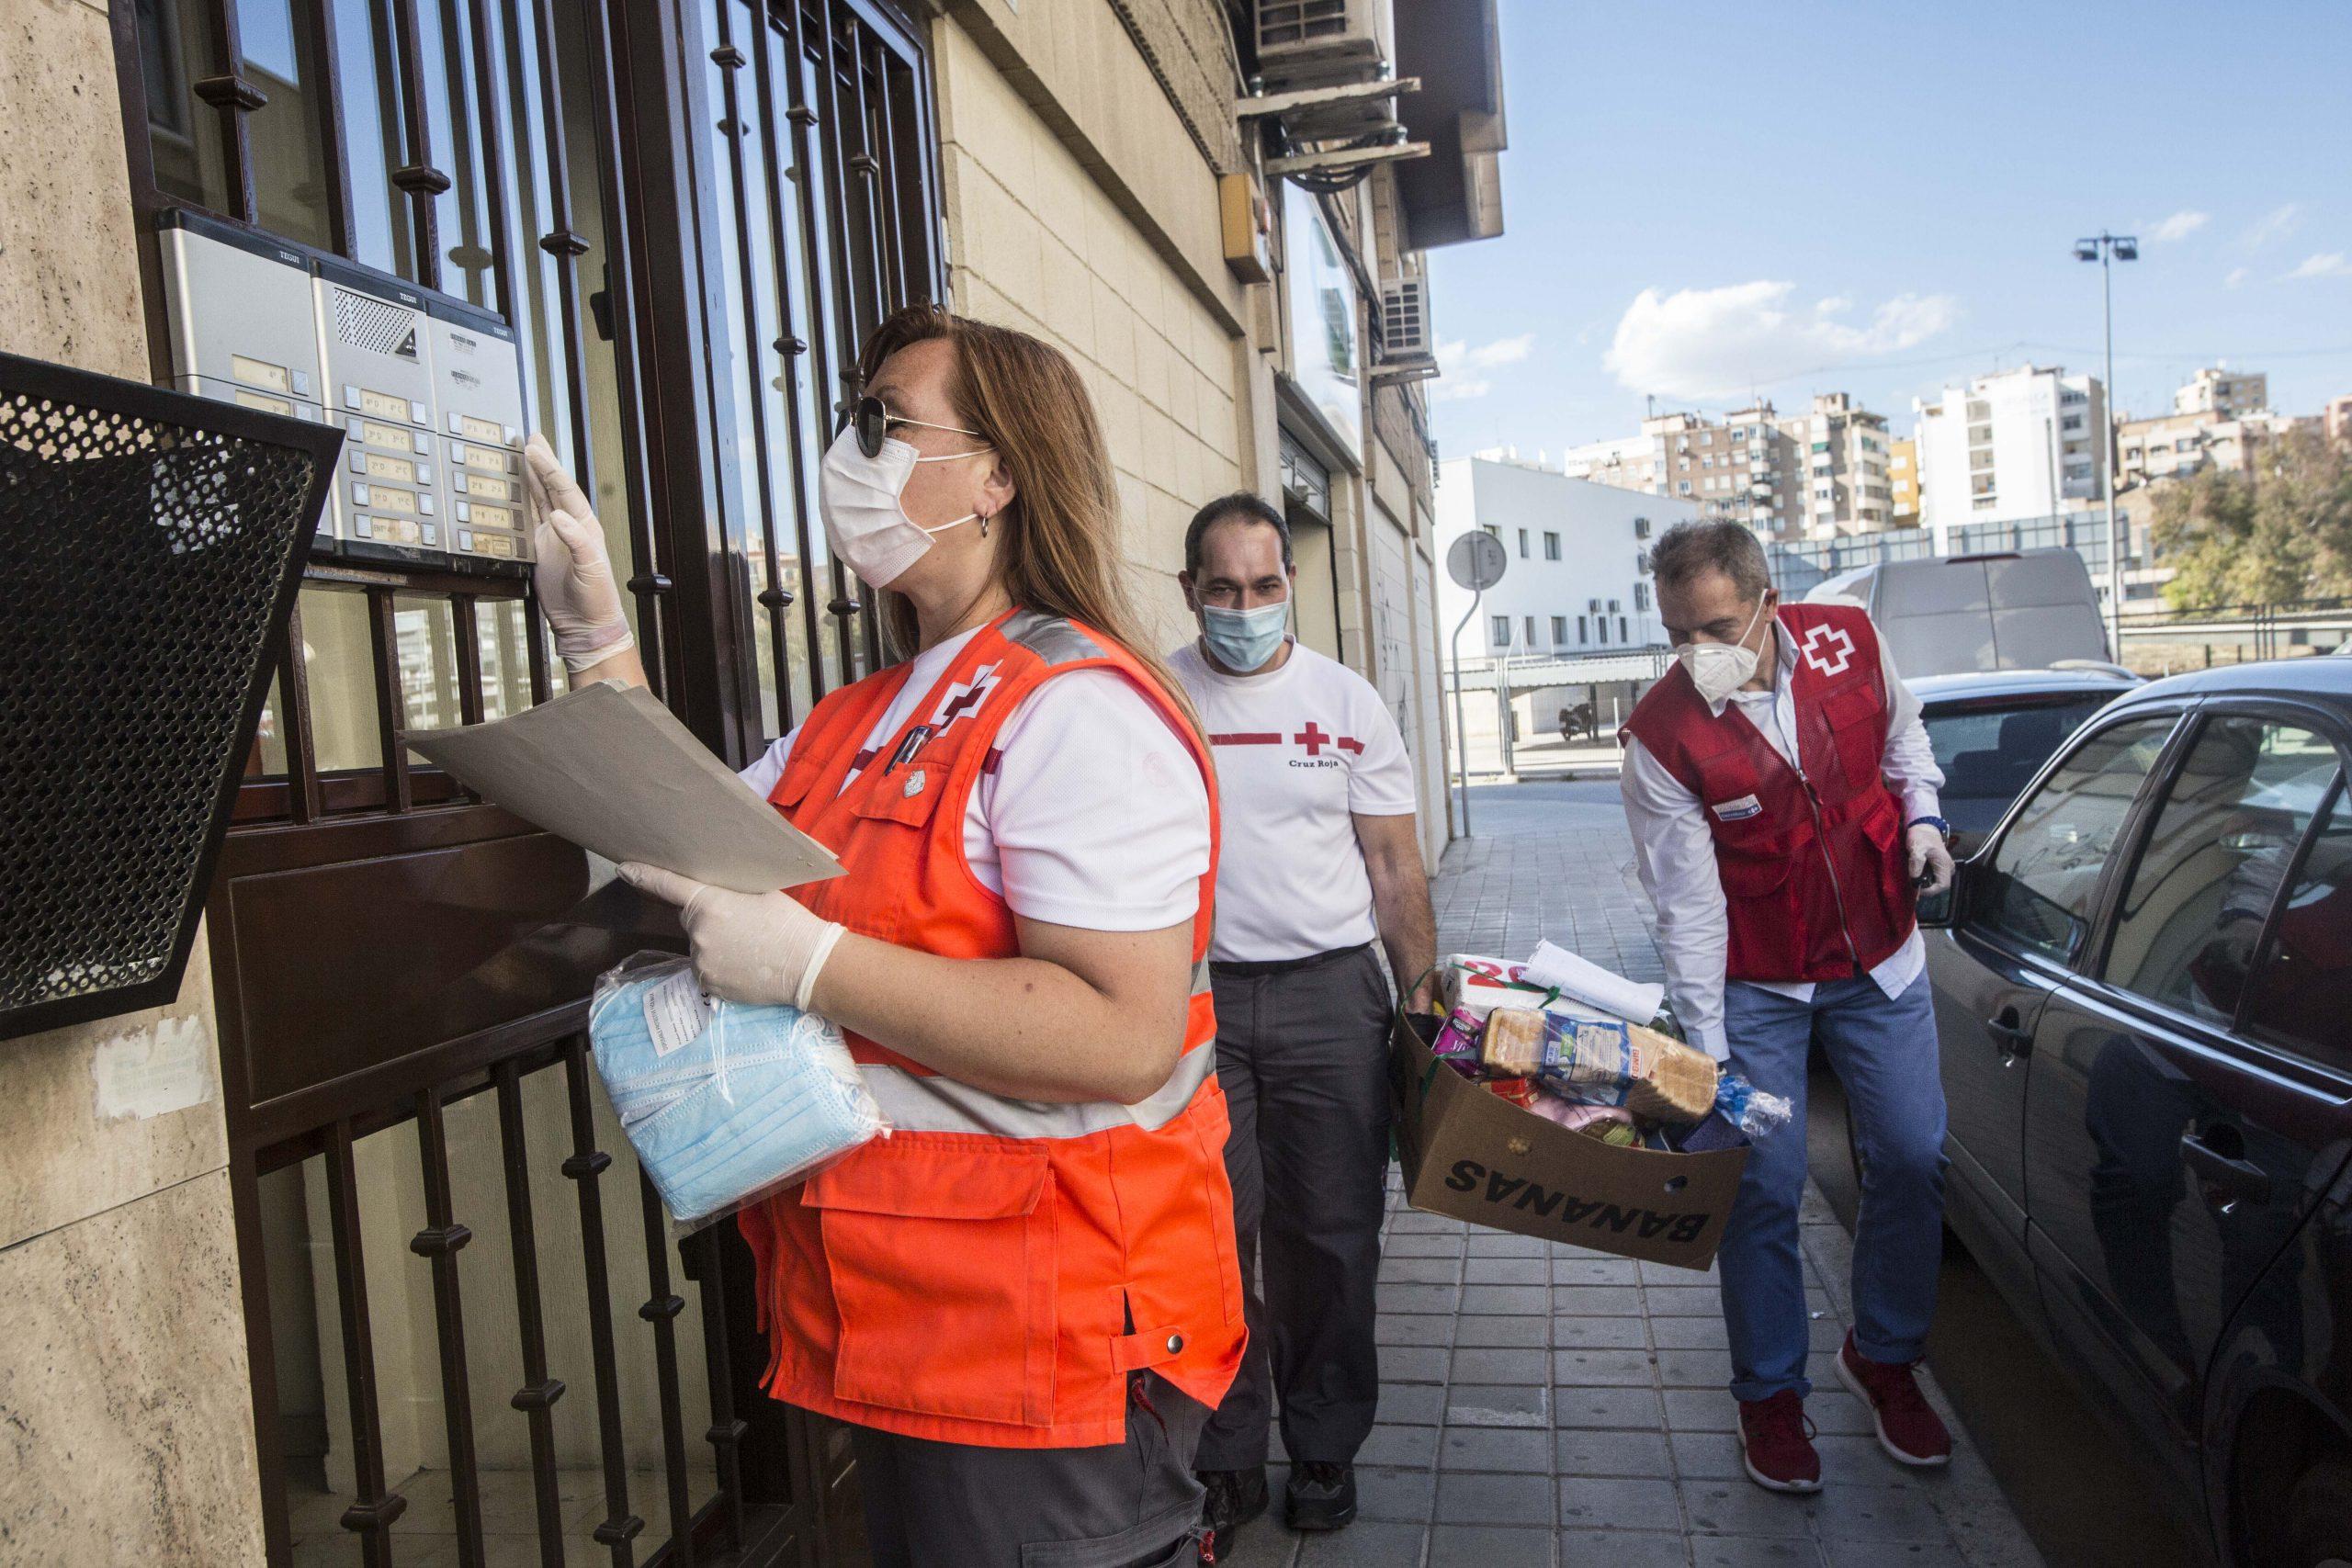 Cruz Roja celebra su primera Banderita online en la Comunidad Valenciana a favor de las Personas Mayores